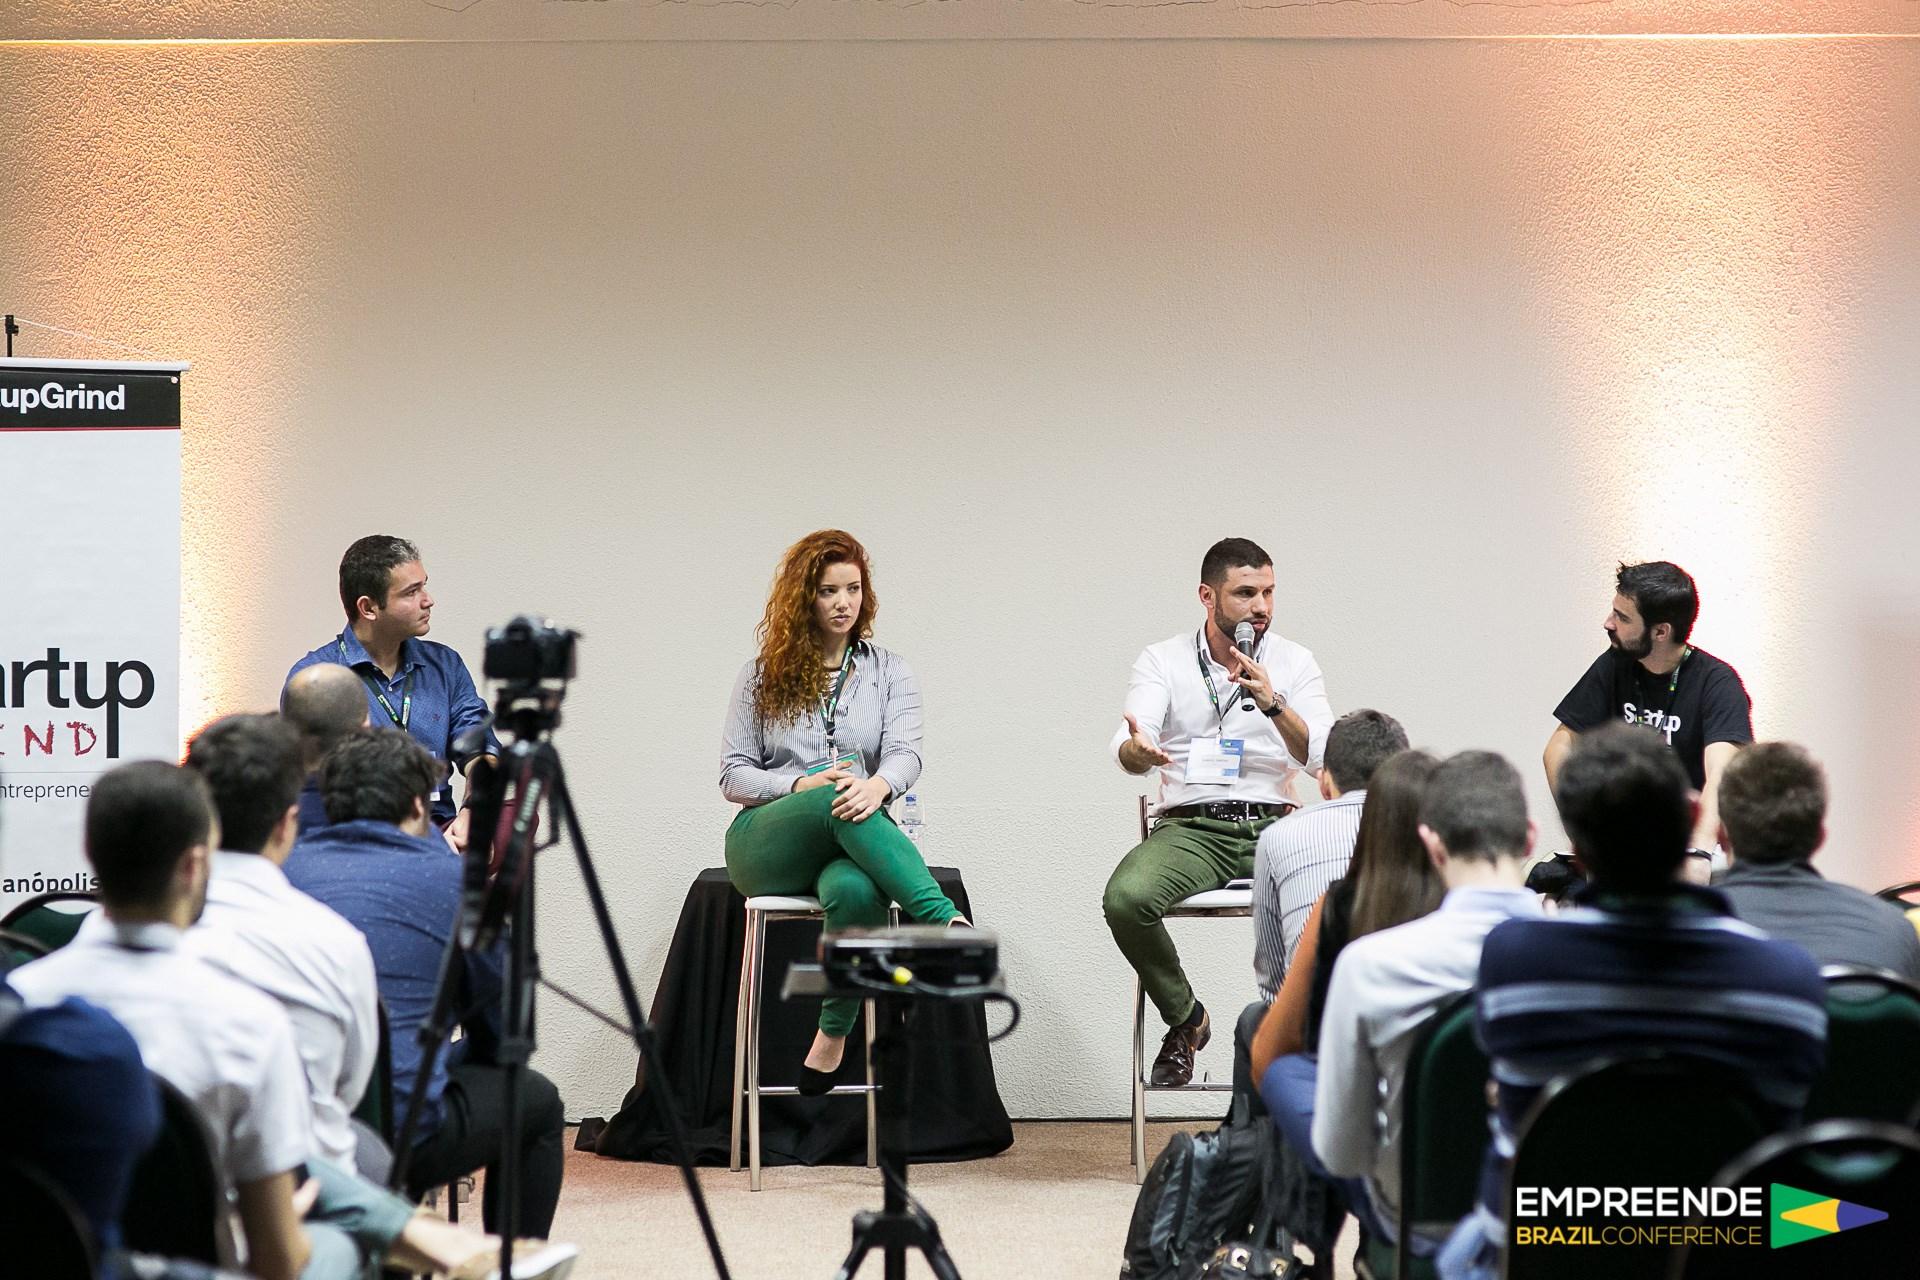 Samuel C. Simões Em Sua Participação No Empreende Brazil Conference (Reprodução)